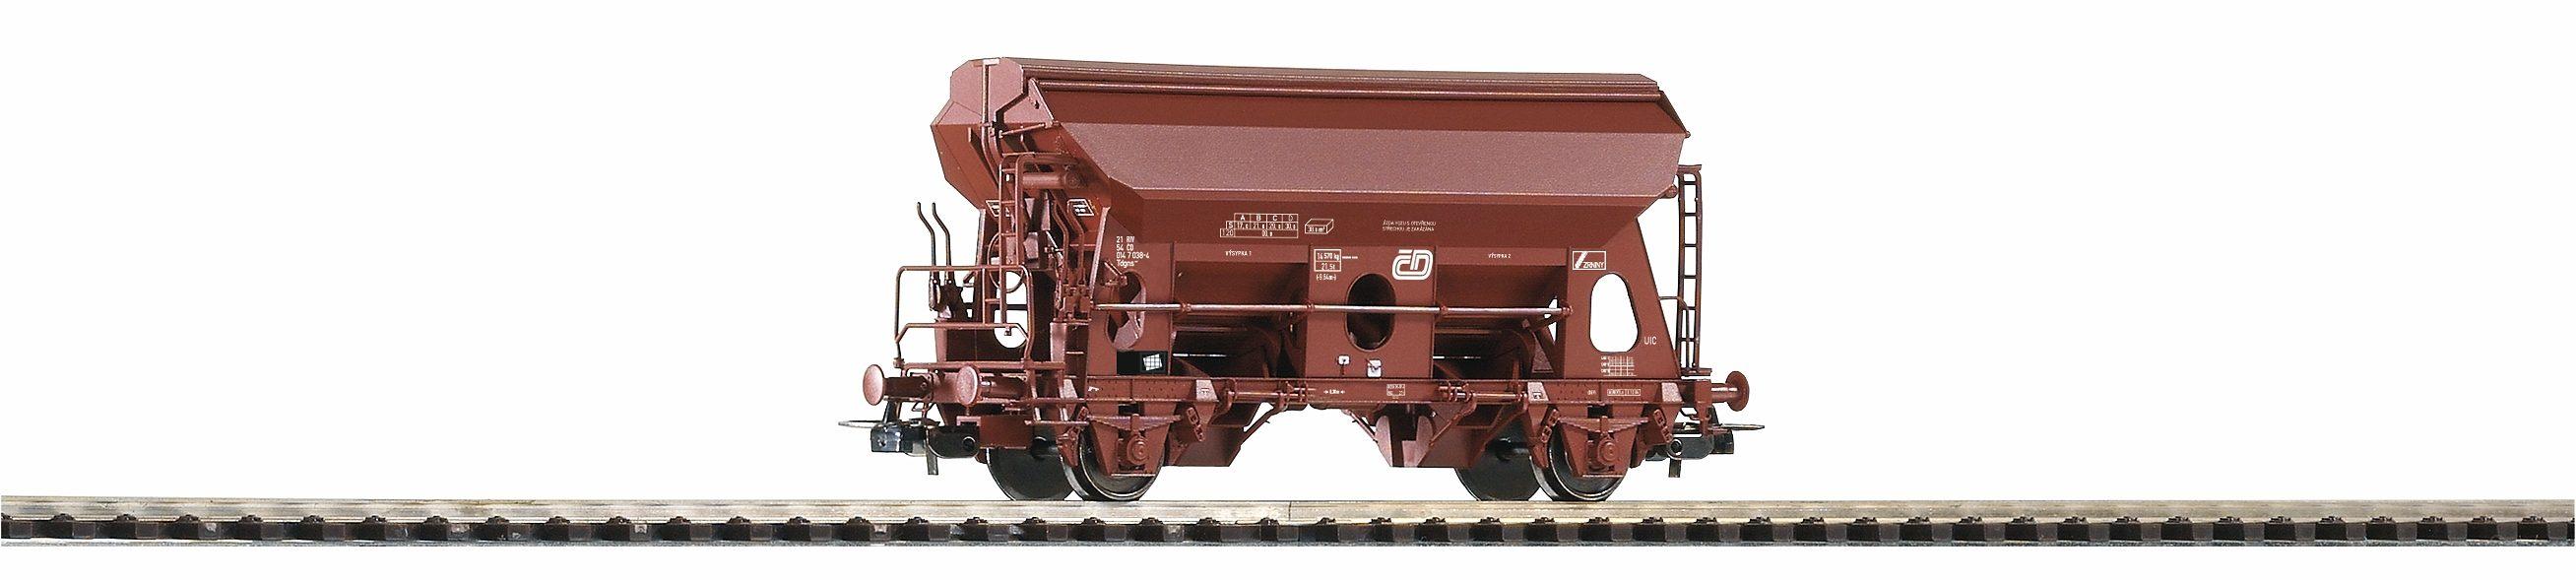 PIKO Güterwagen, Spur H0, »Selbstentladewagen Tdgns4211, CD - Gleichstrom«